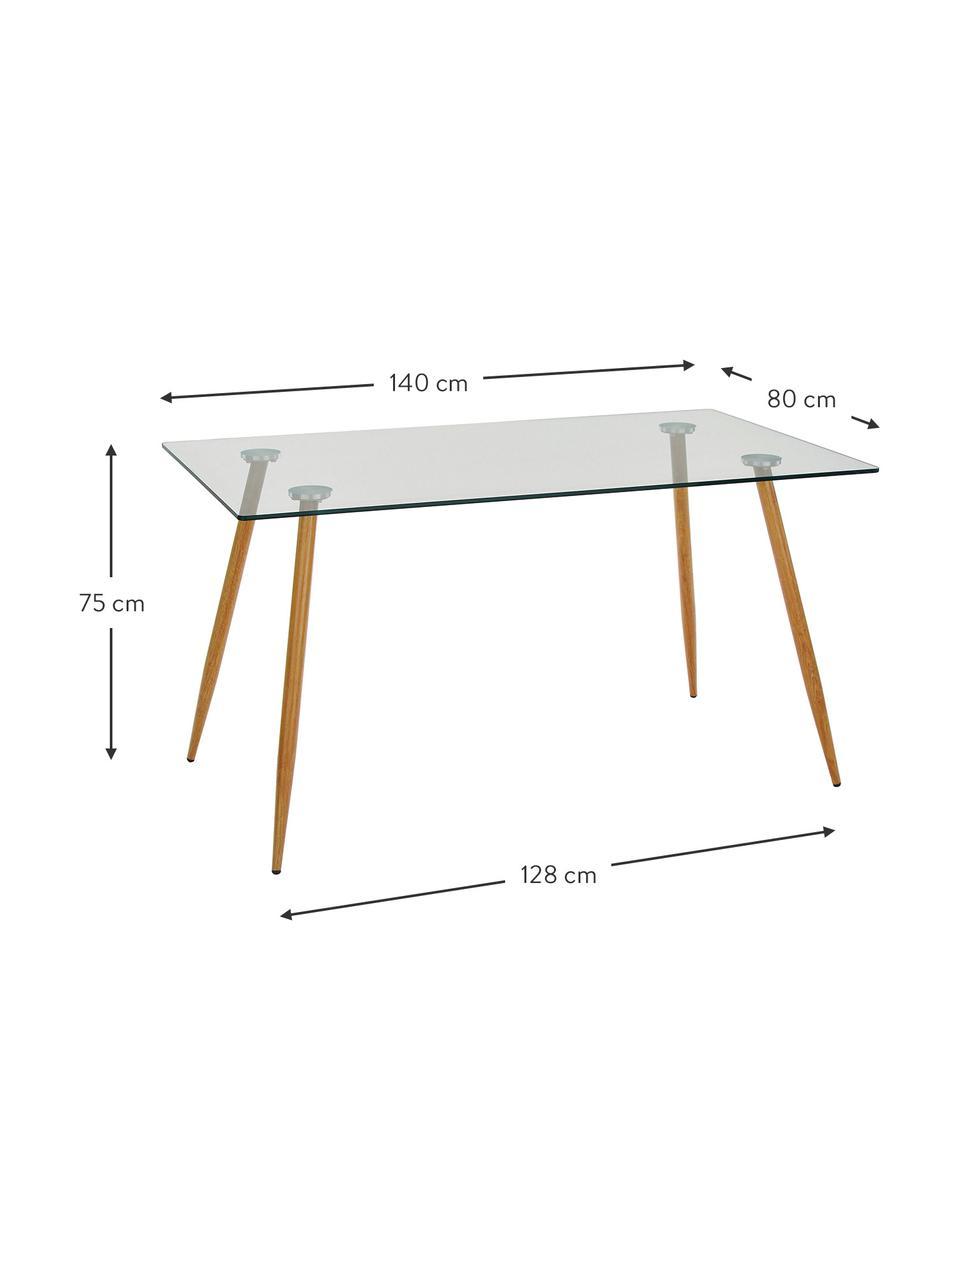 Stół do jadalni ze szkła z drewnianymi nogami Wilma, Blat: szkło hartowane, Nogi: metal malowany na kolor d, Blat: transparentny Mocowanie: srebrny Nogi: drewno dębowe, S 140 x G 80 cm